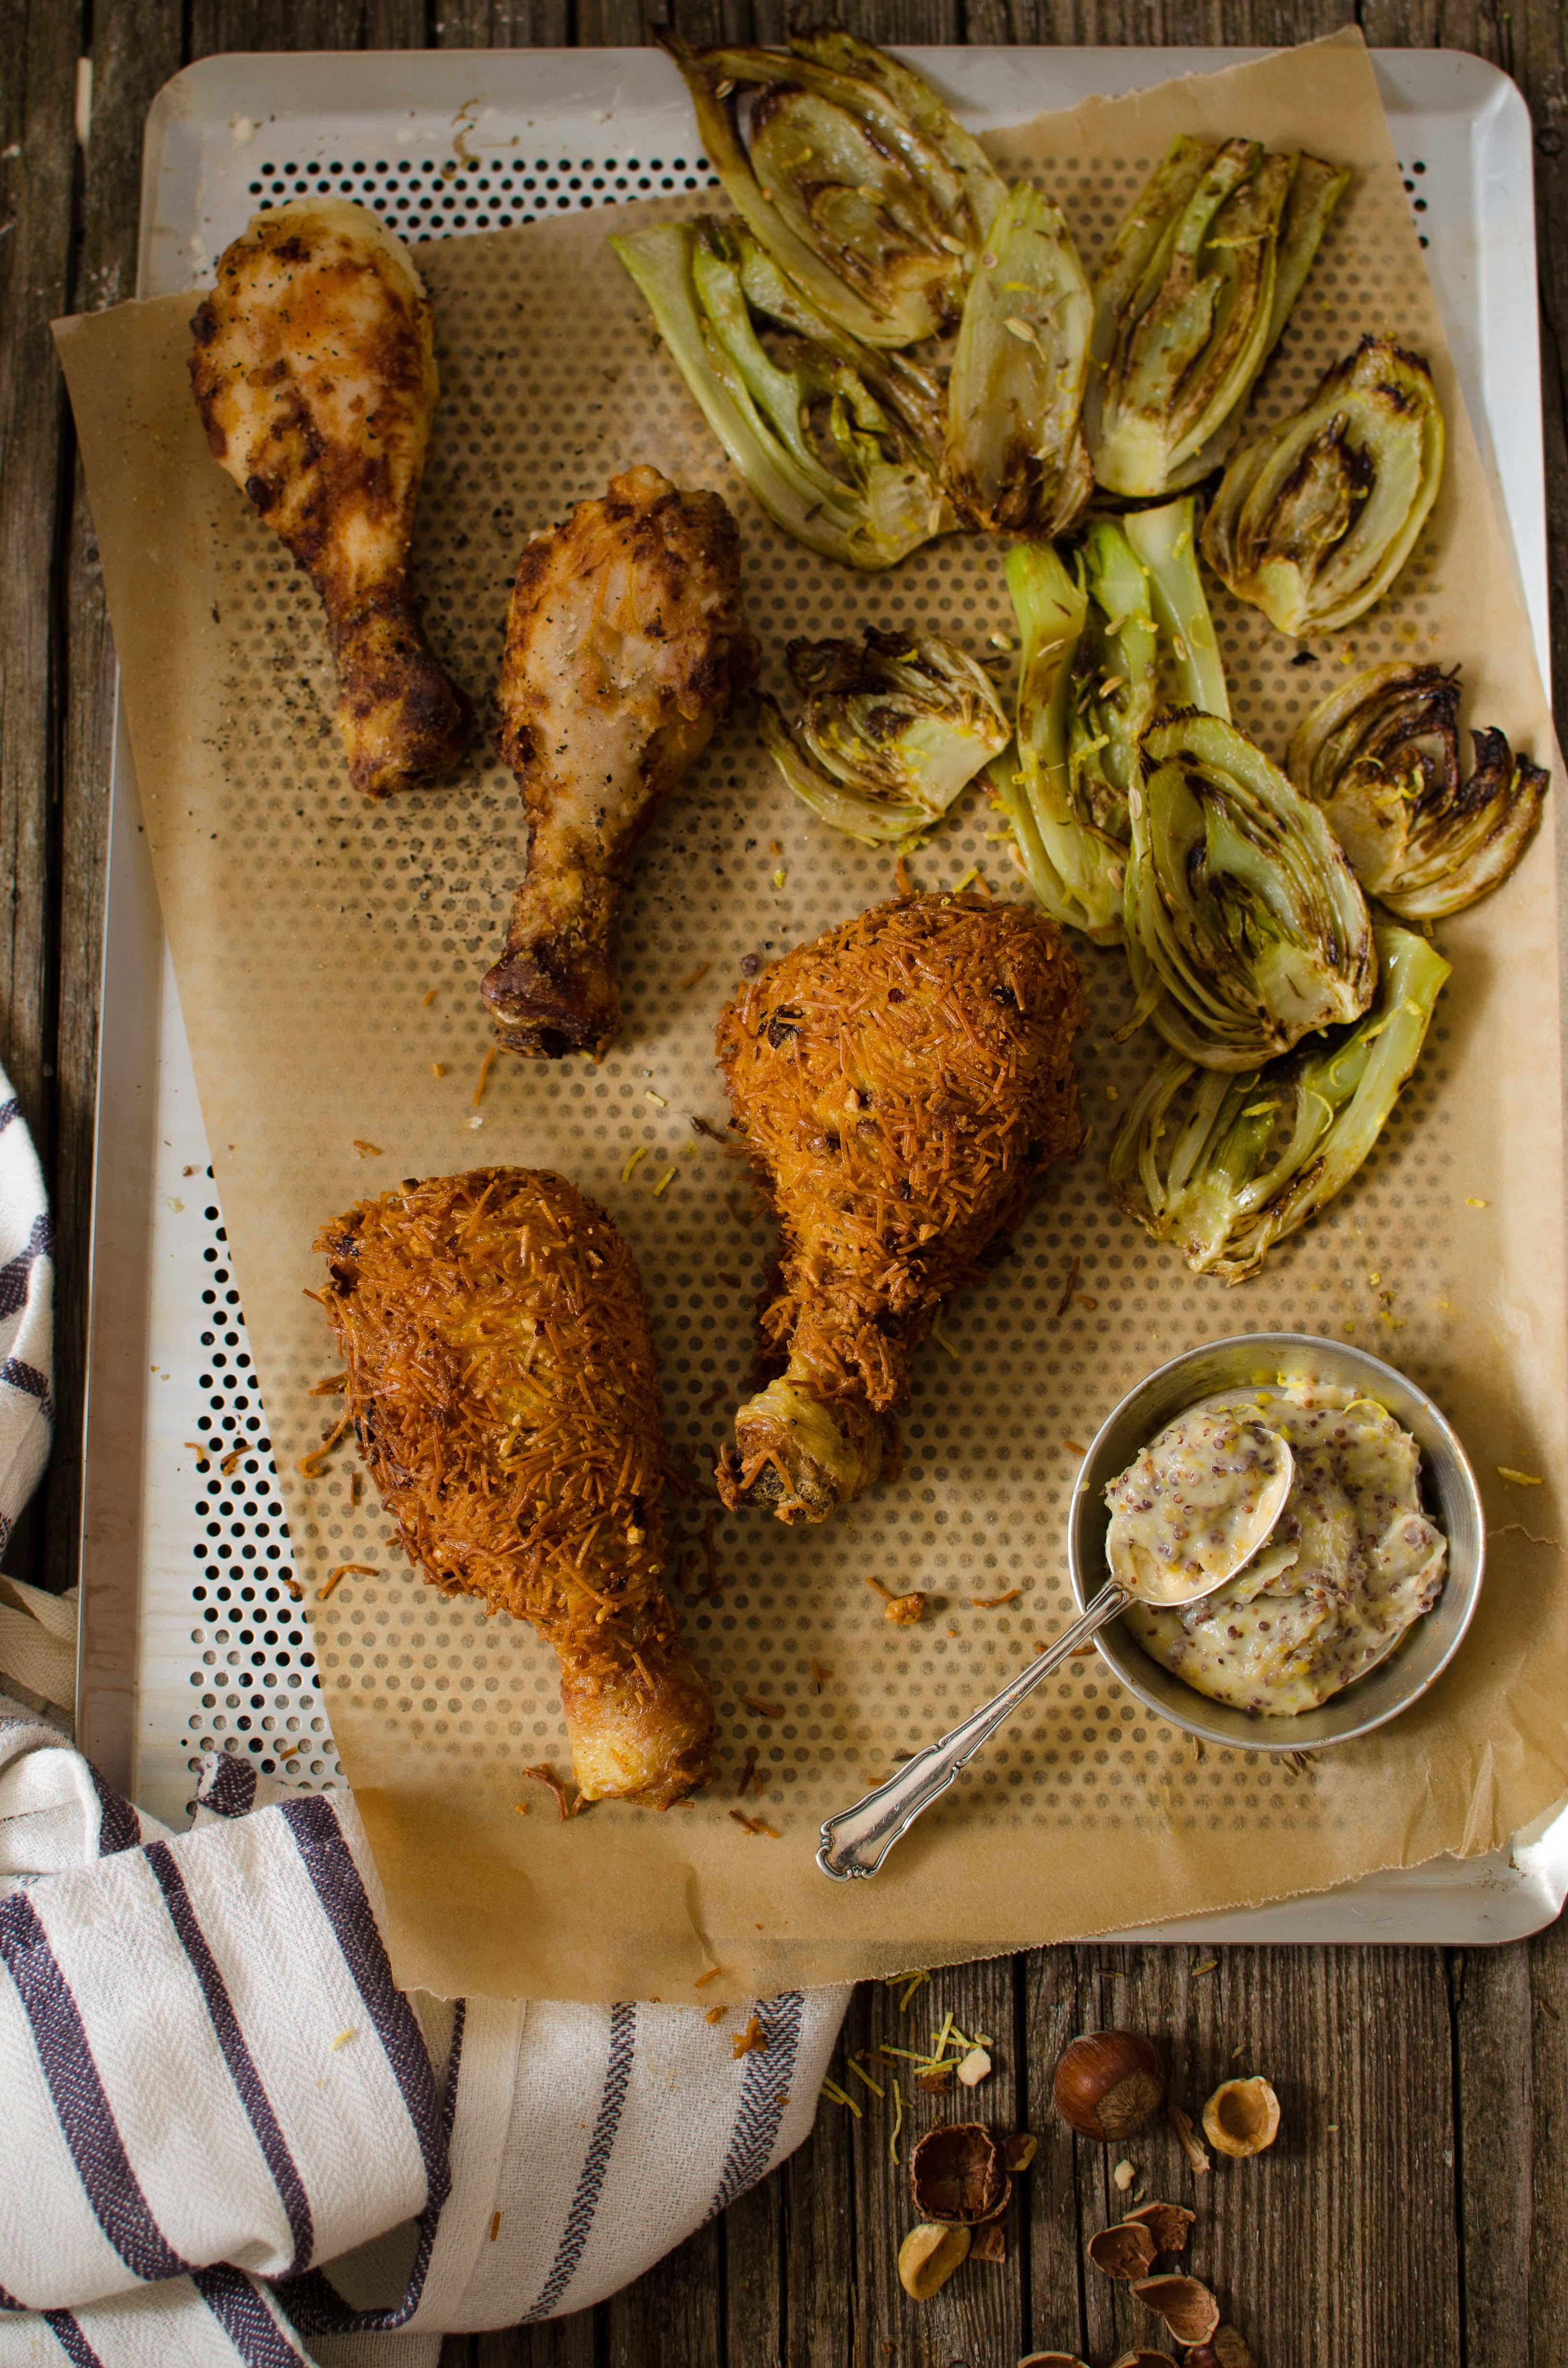 pollo_fritto_mtc2 Pollo fritto croccante con nocciole, spezie e Rhum